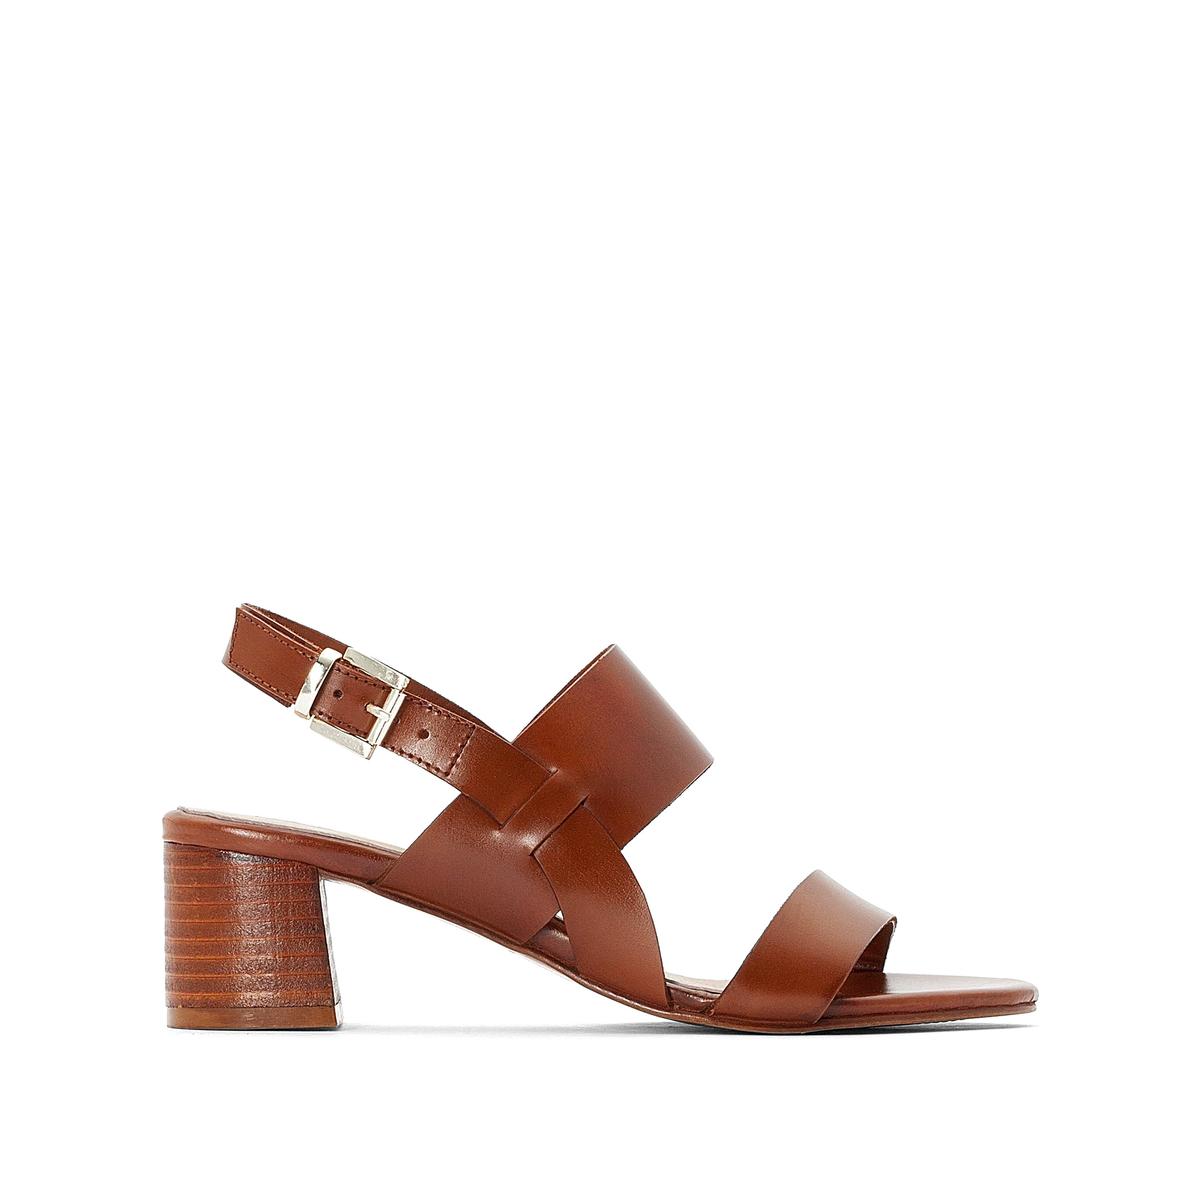 Sandalis de piel con tacón medio